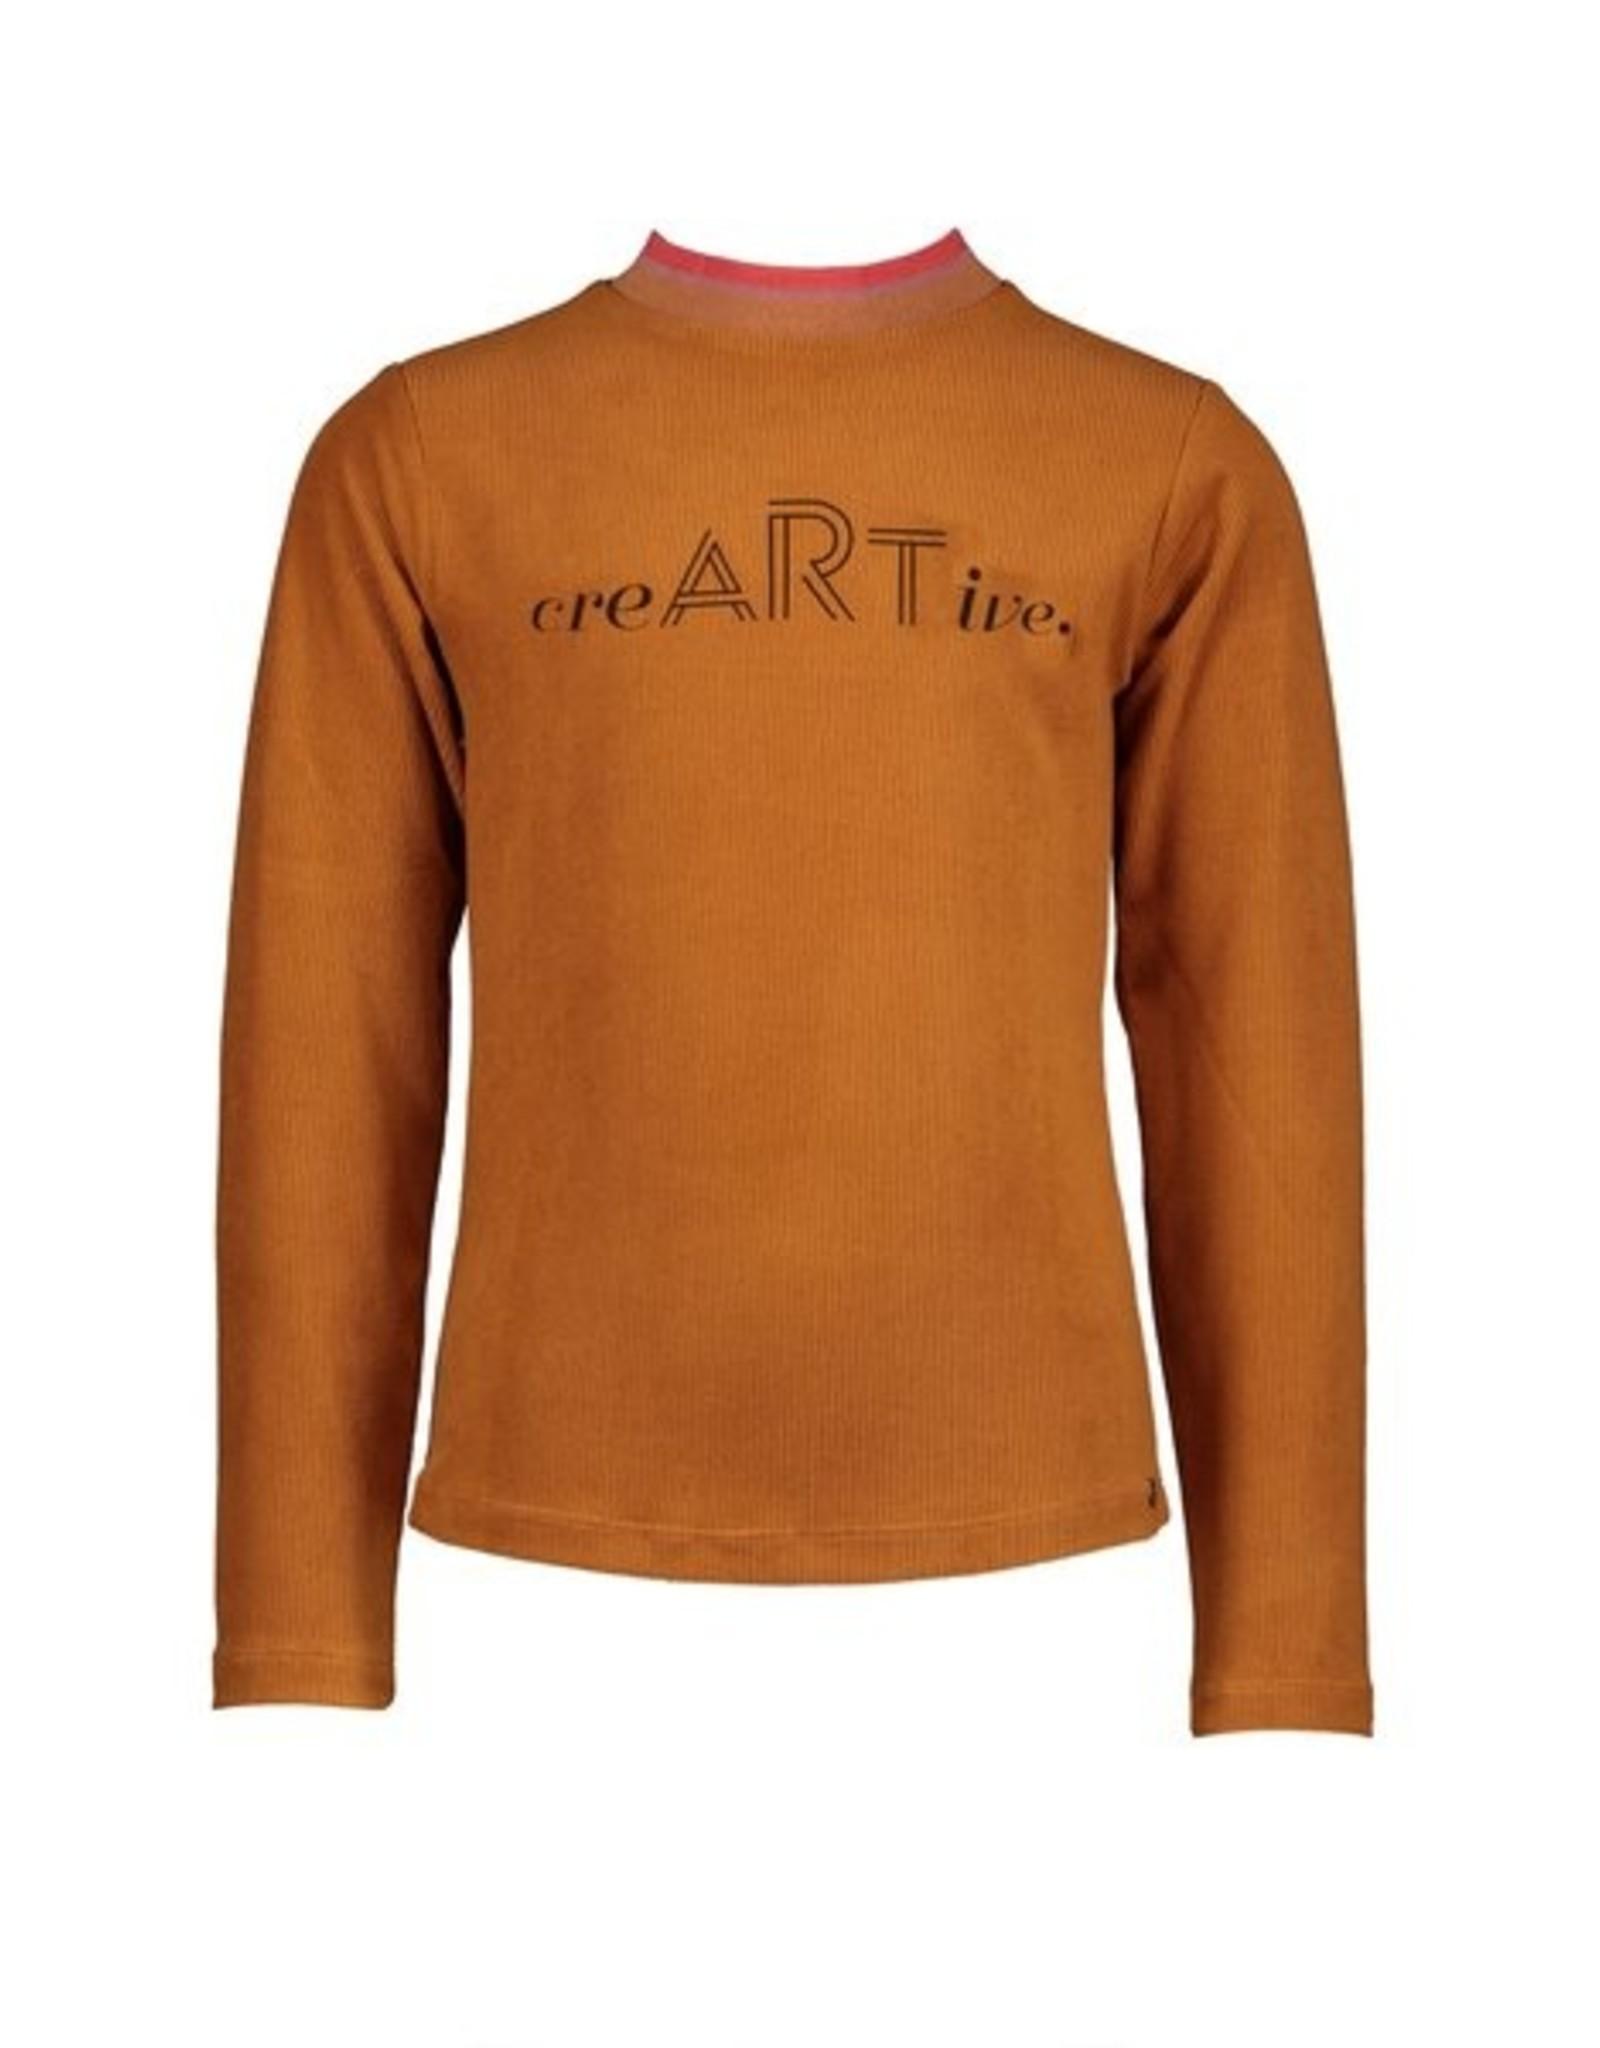 NONO NONO shirt 5406 caramel